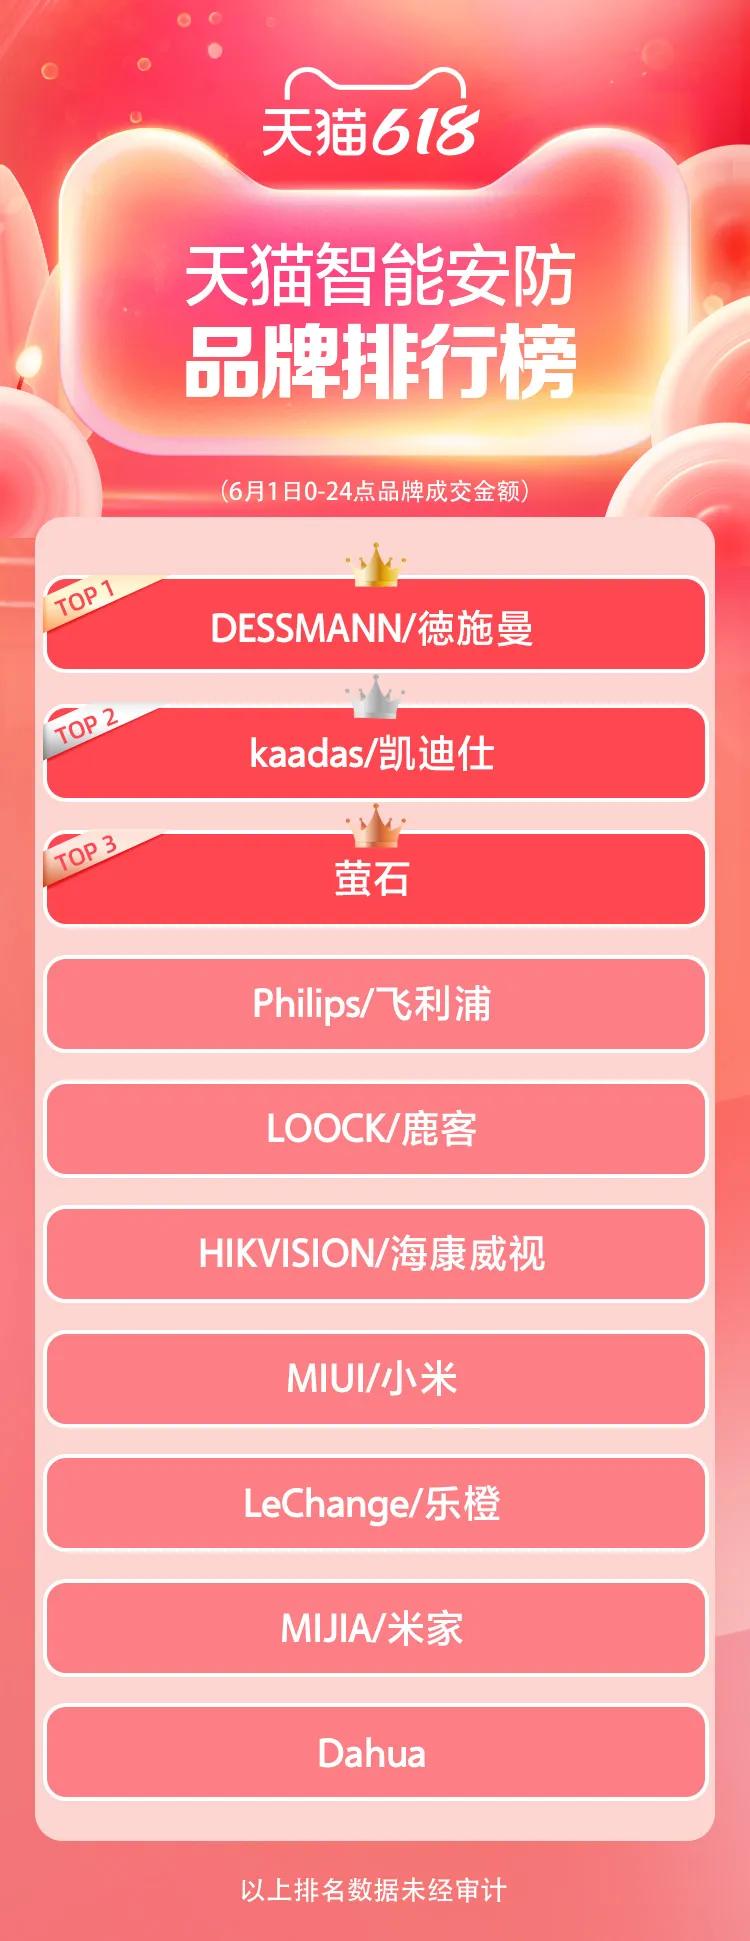 天猫618开局品牌排行榜!谁在领跑?